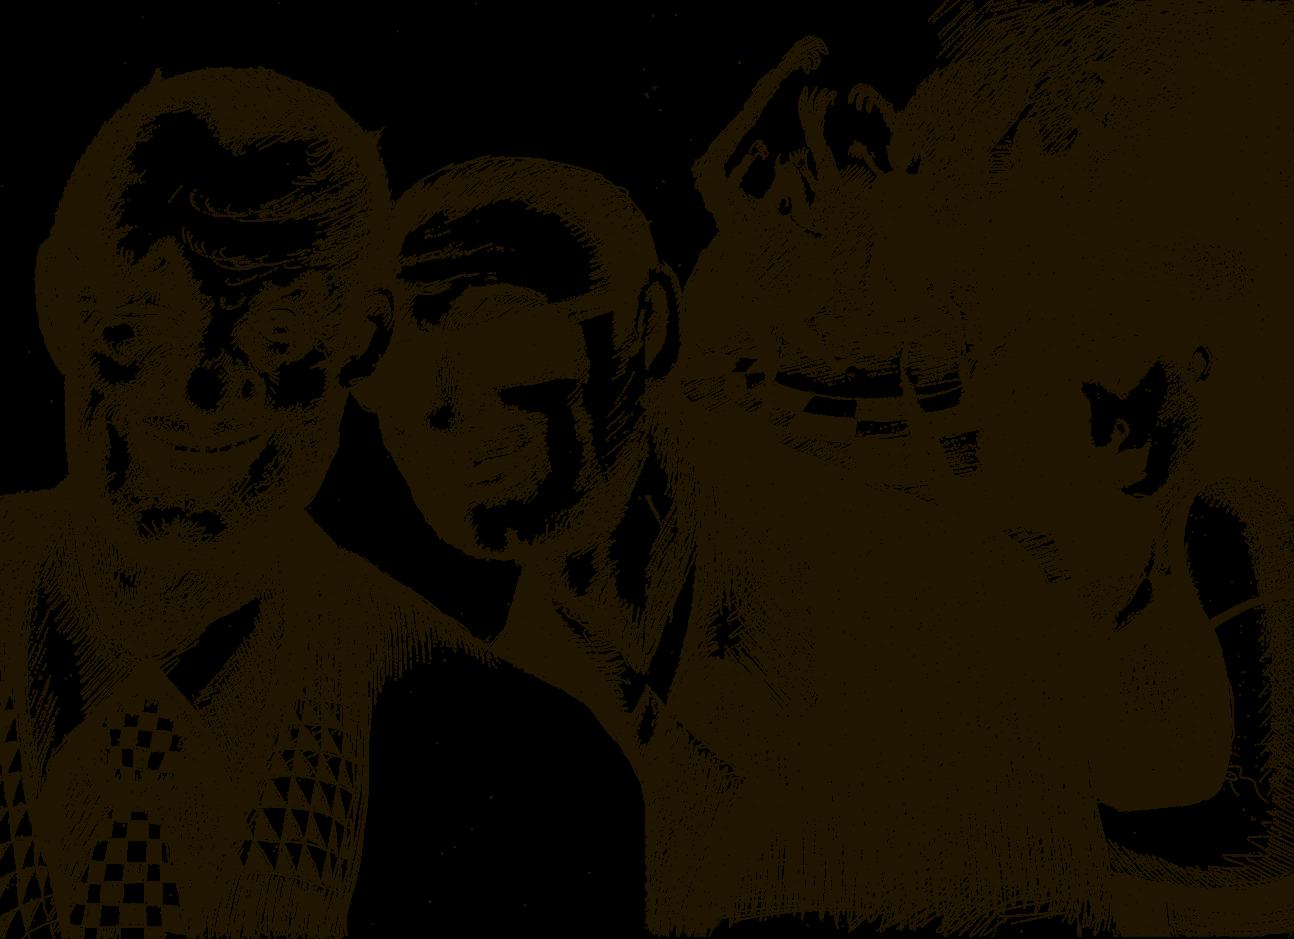 Толстенькая Негритянка С Большими Сиськами Отсасывает У Хуястого Чернокожего Парня Смотреть